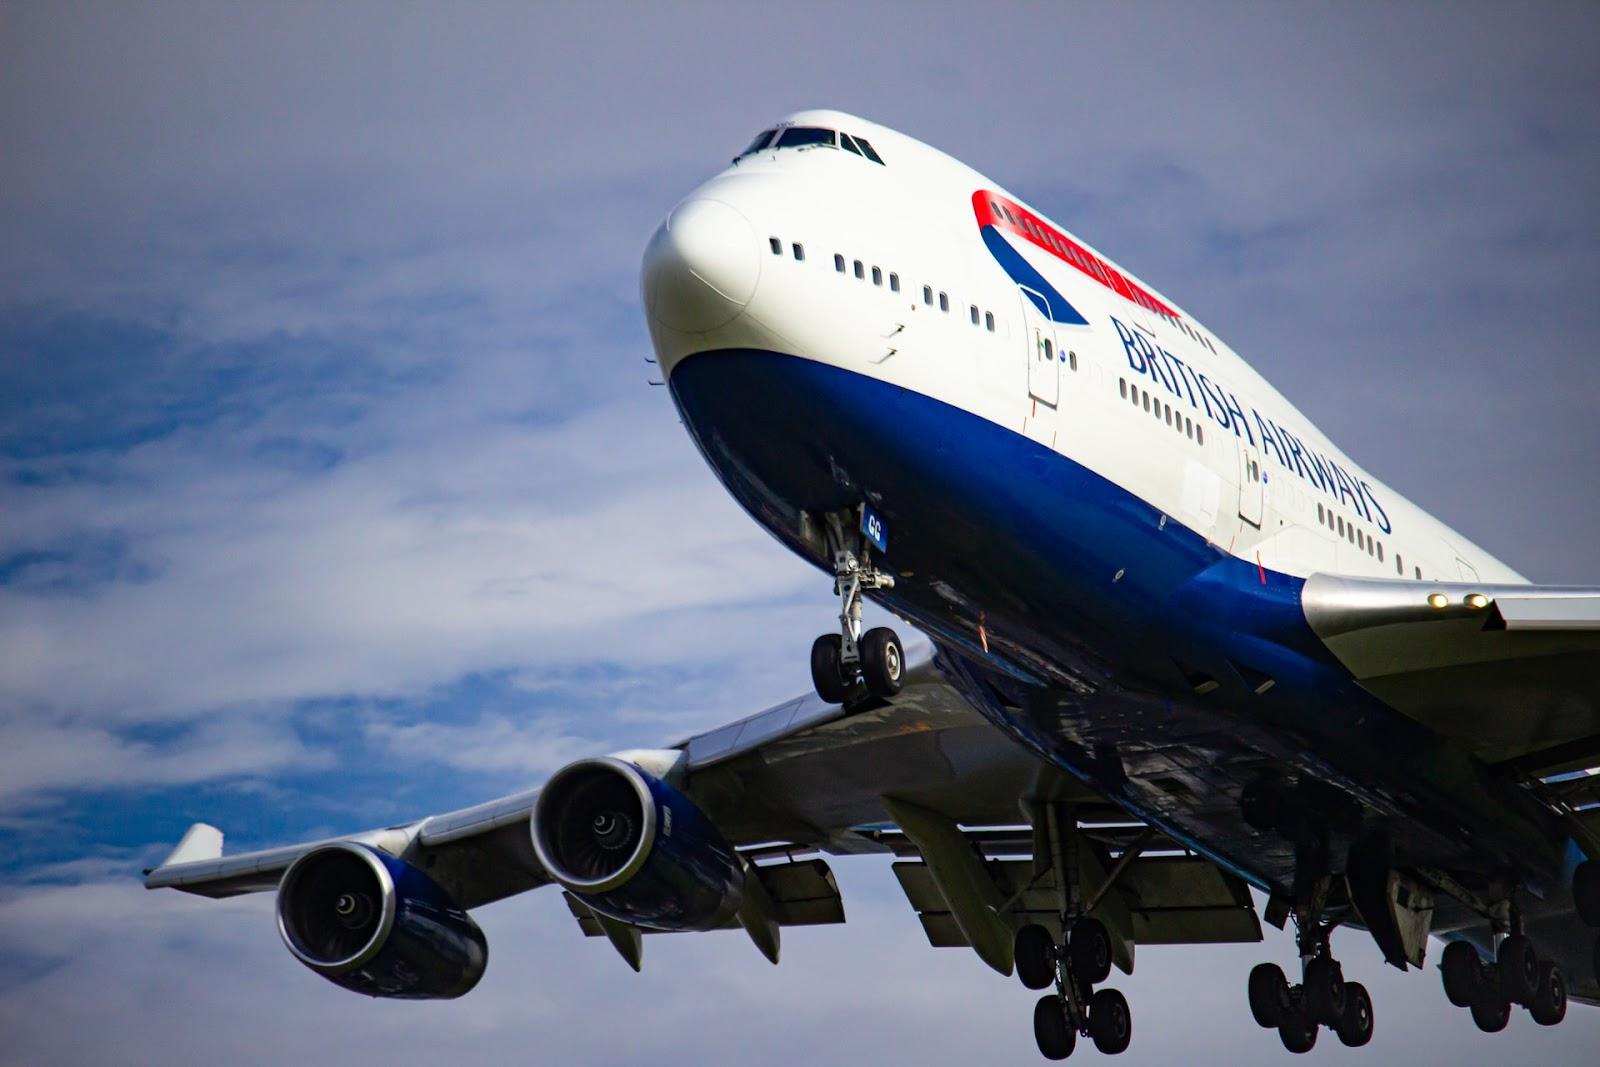 Der Karriereeinstieg als Flugbegleiterin